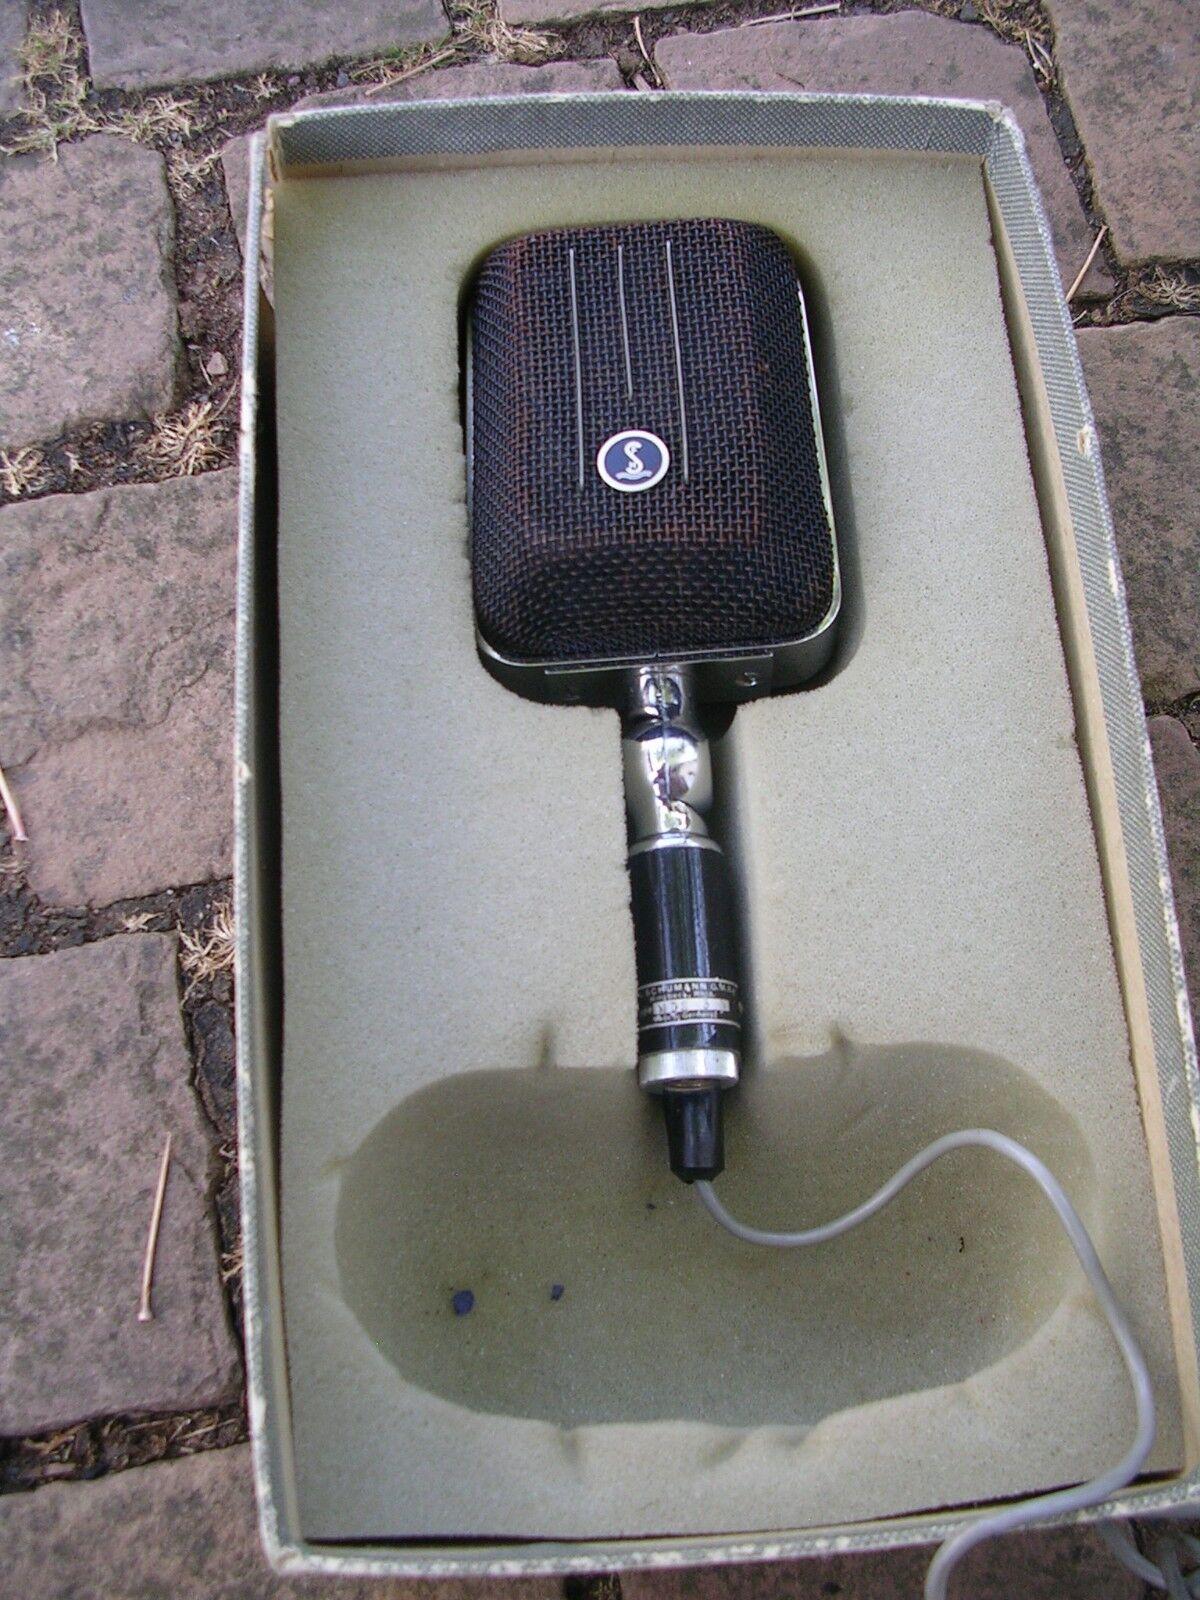 F&h Schumann GmbH microfono mds3n vintage rarità in scatola originale